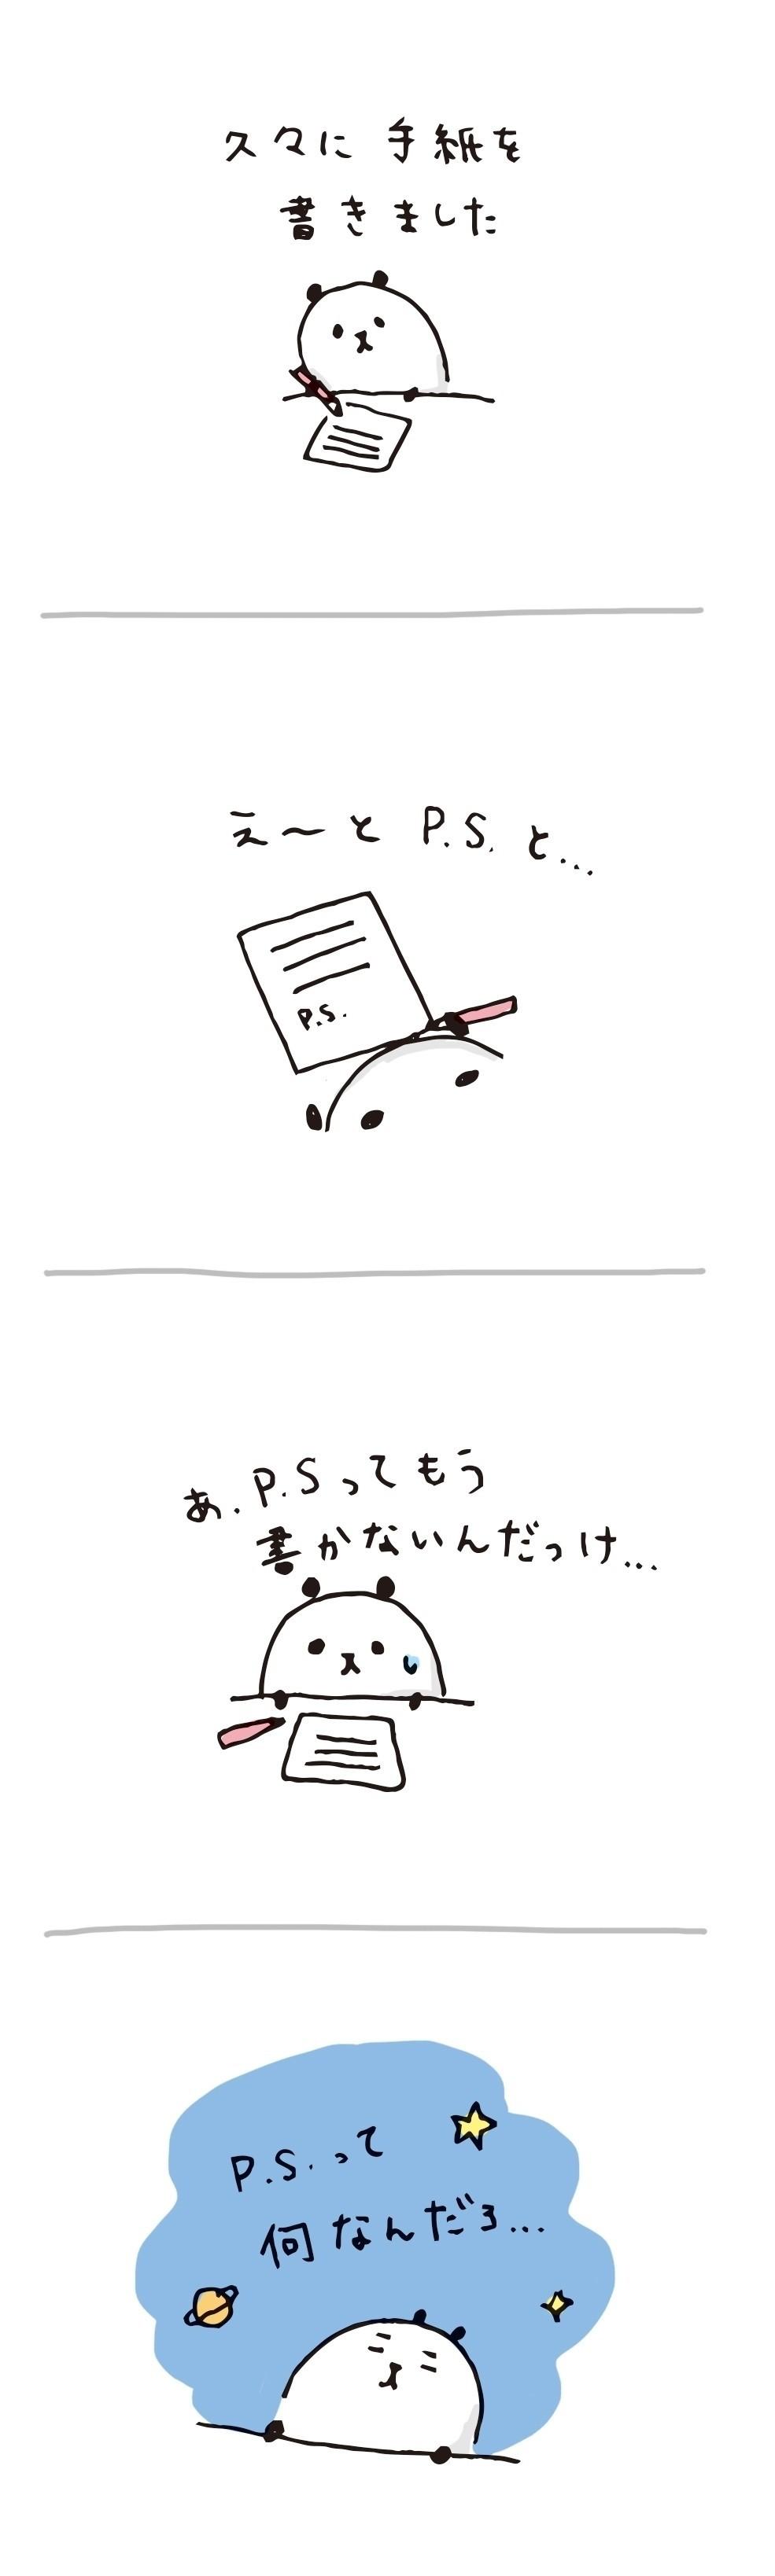 #パンダ #絵 #漫画 #イラスト